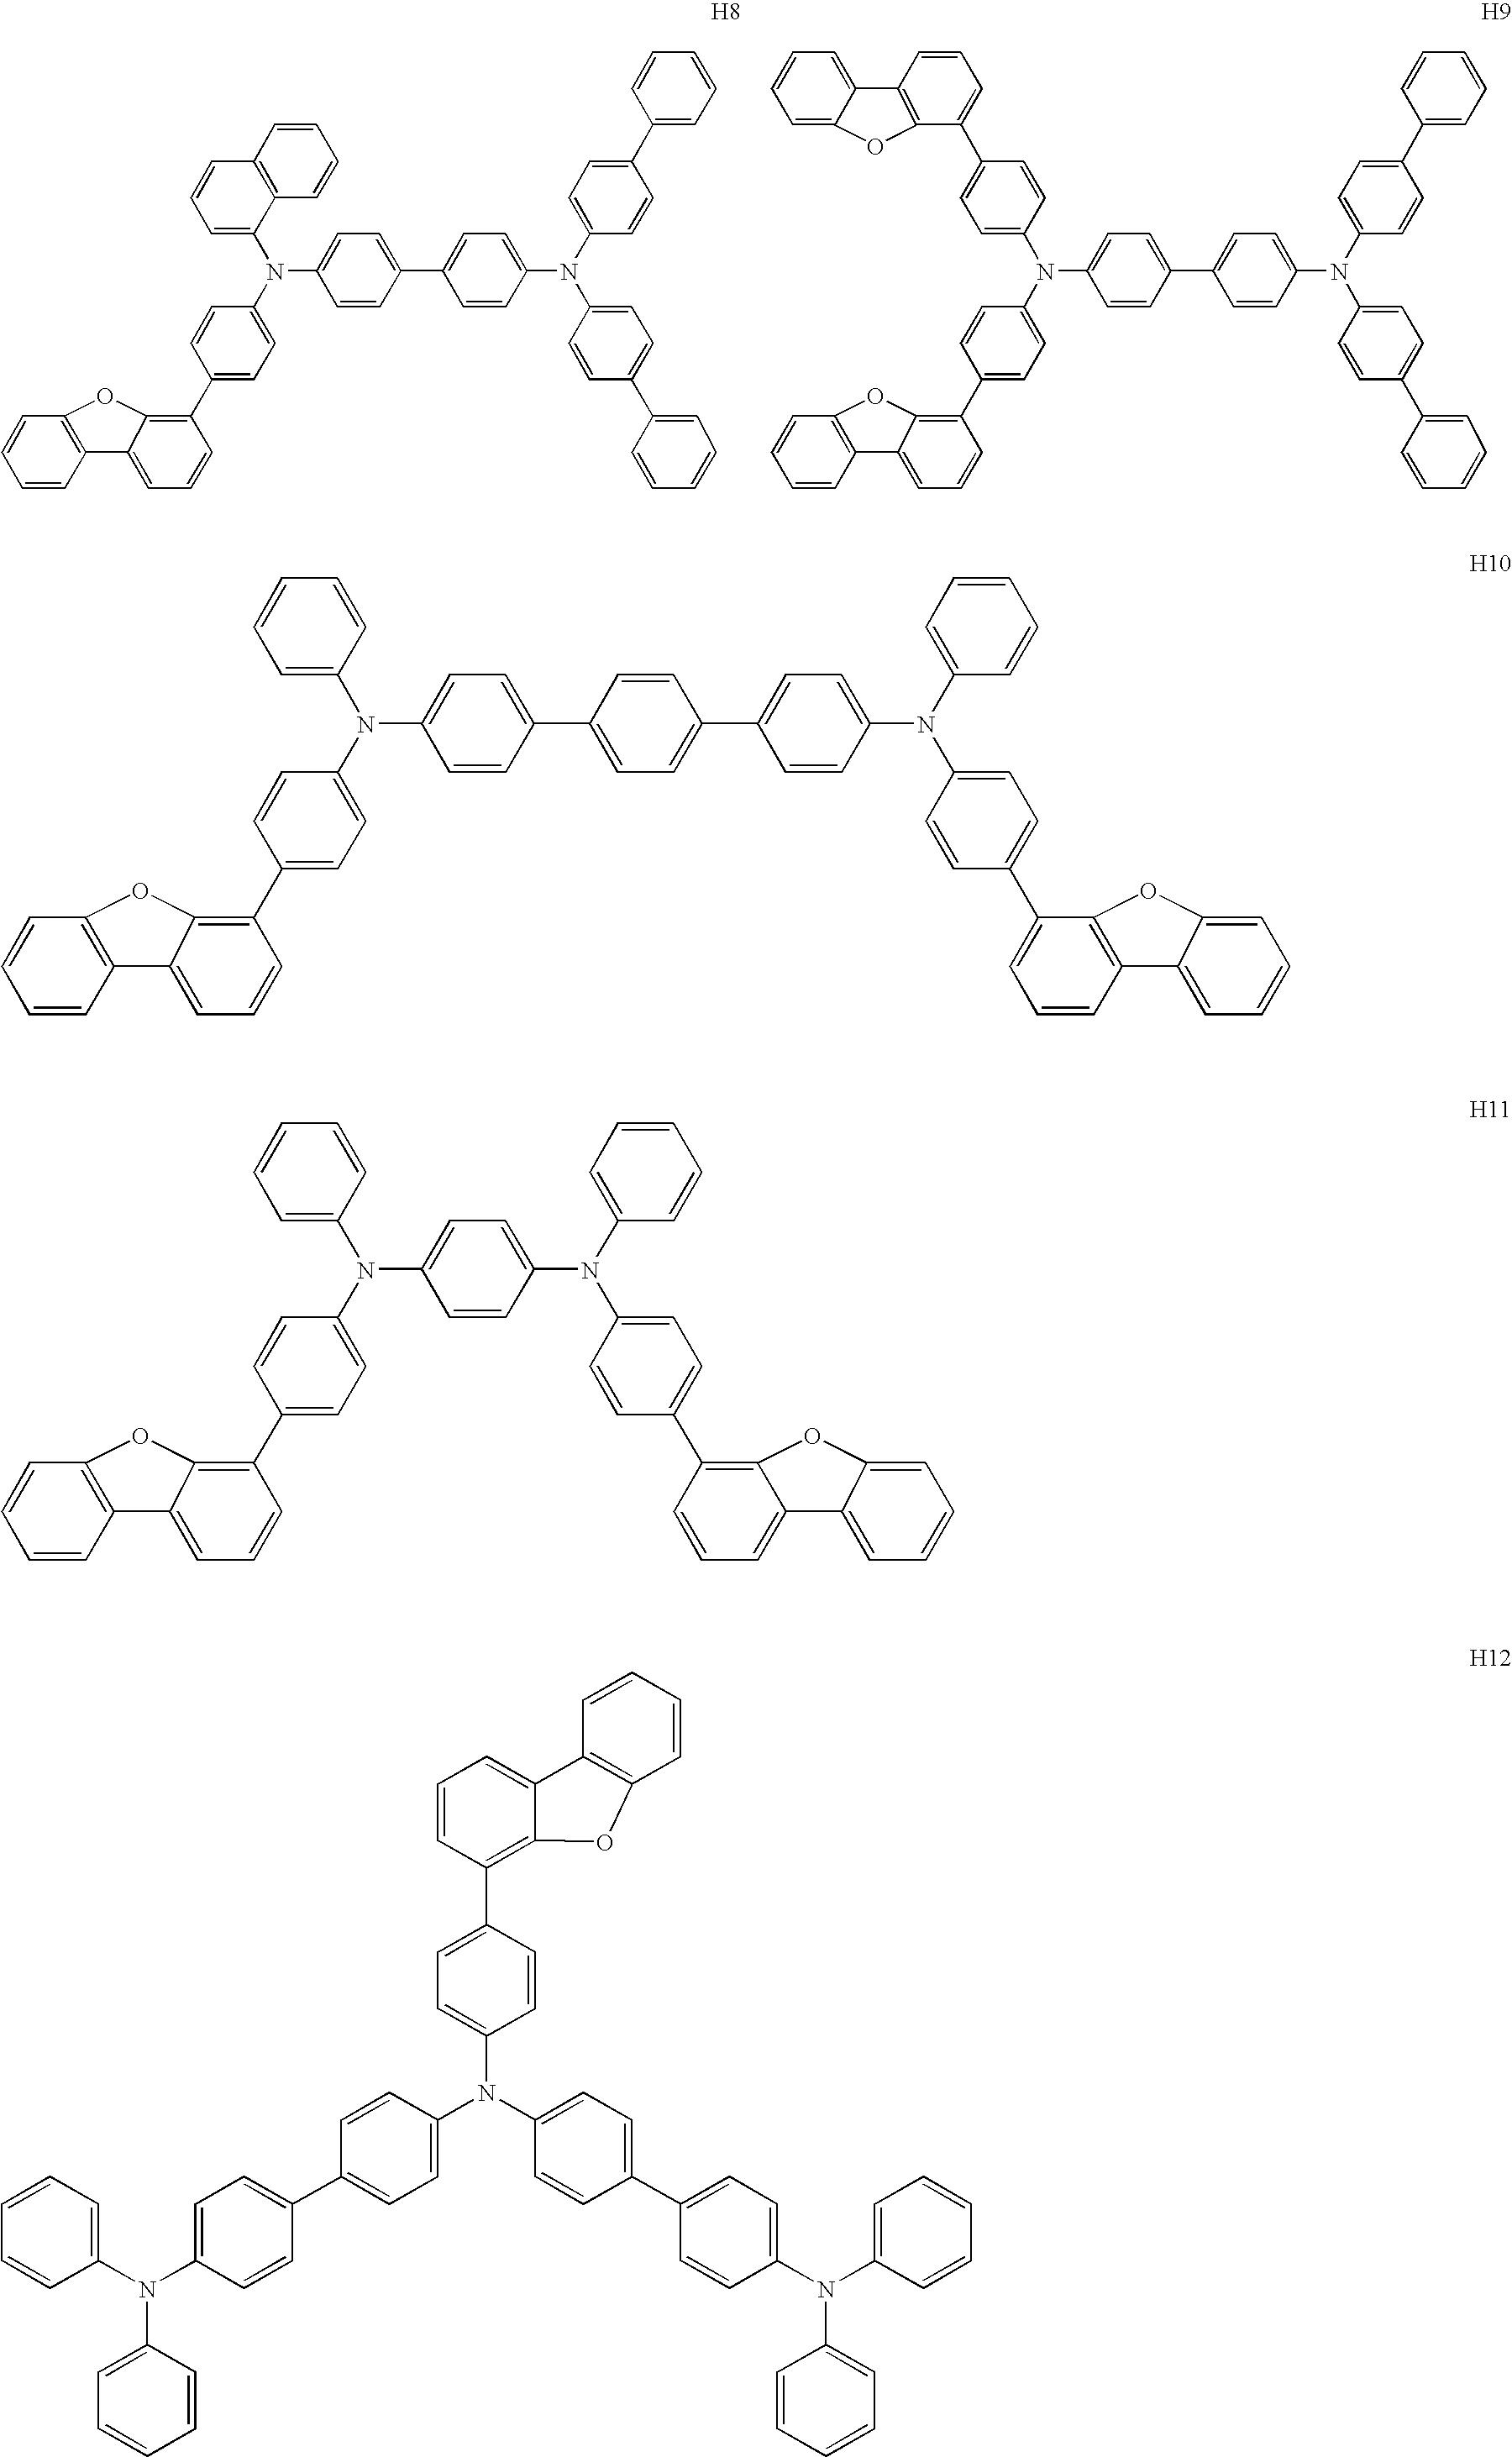 Figure US20070278938A1-20071206-C00054